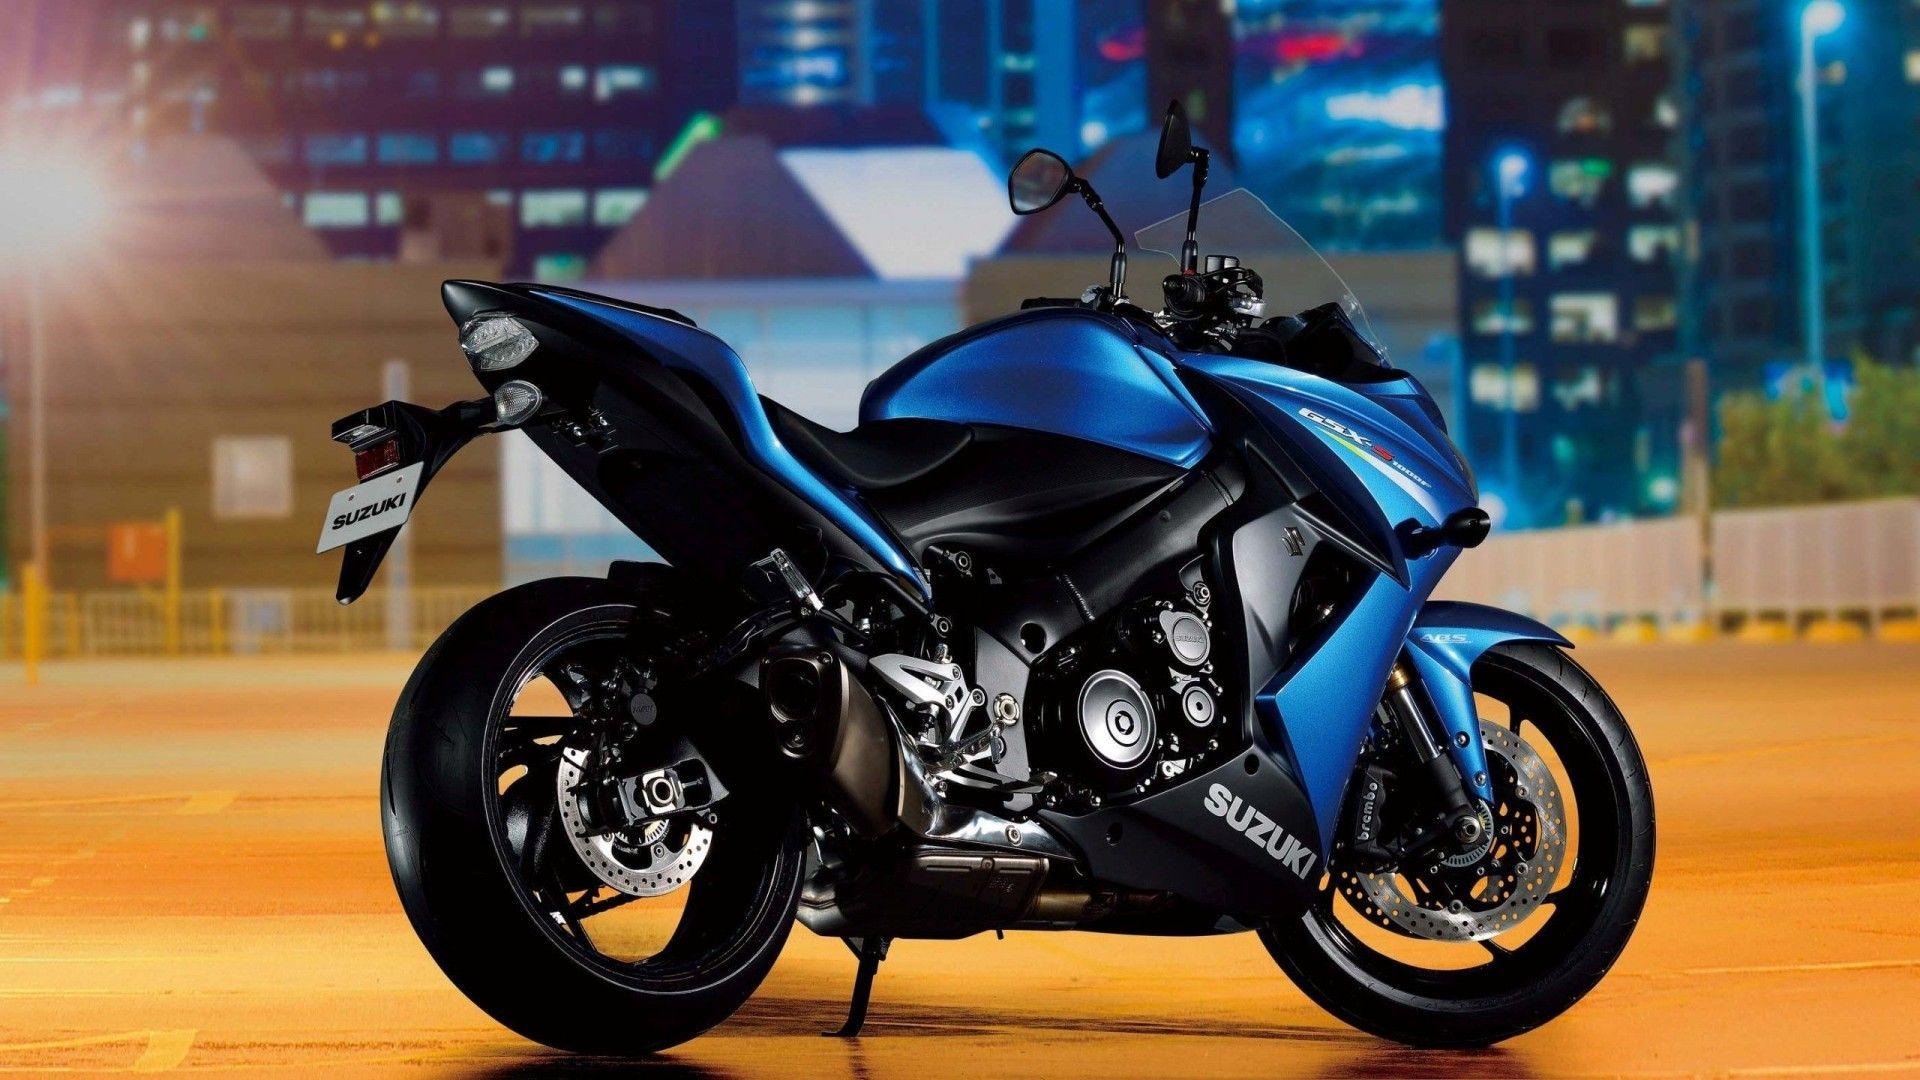 Suzuki Gsx S1000f Bike Wallpaper 1920x1080 Suzuki Gsx Gsx Suzuki